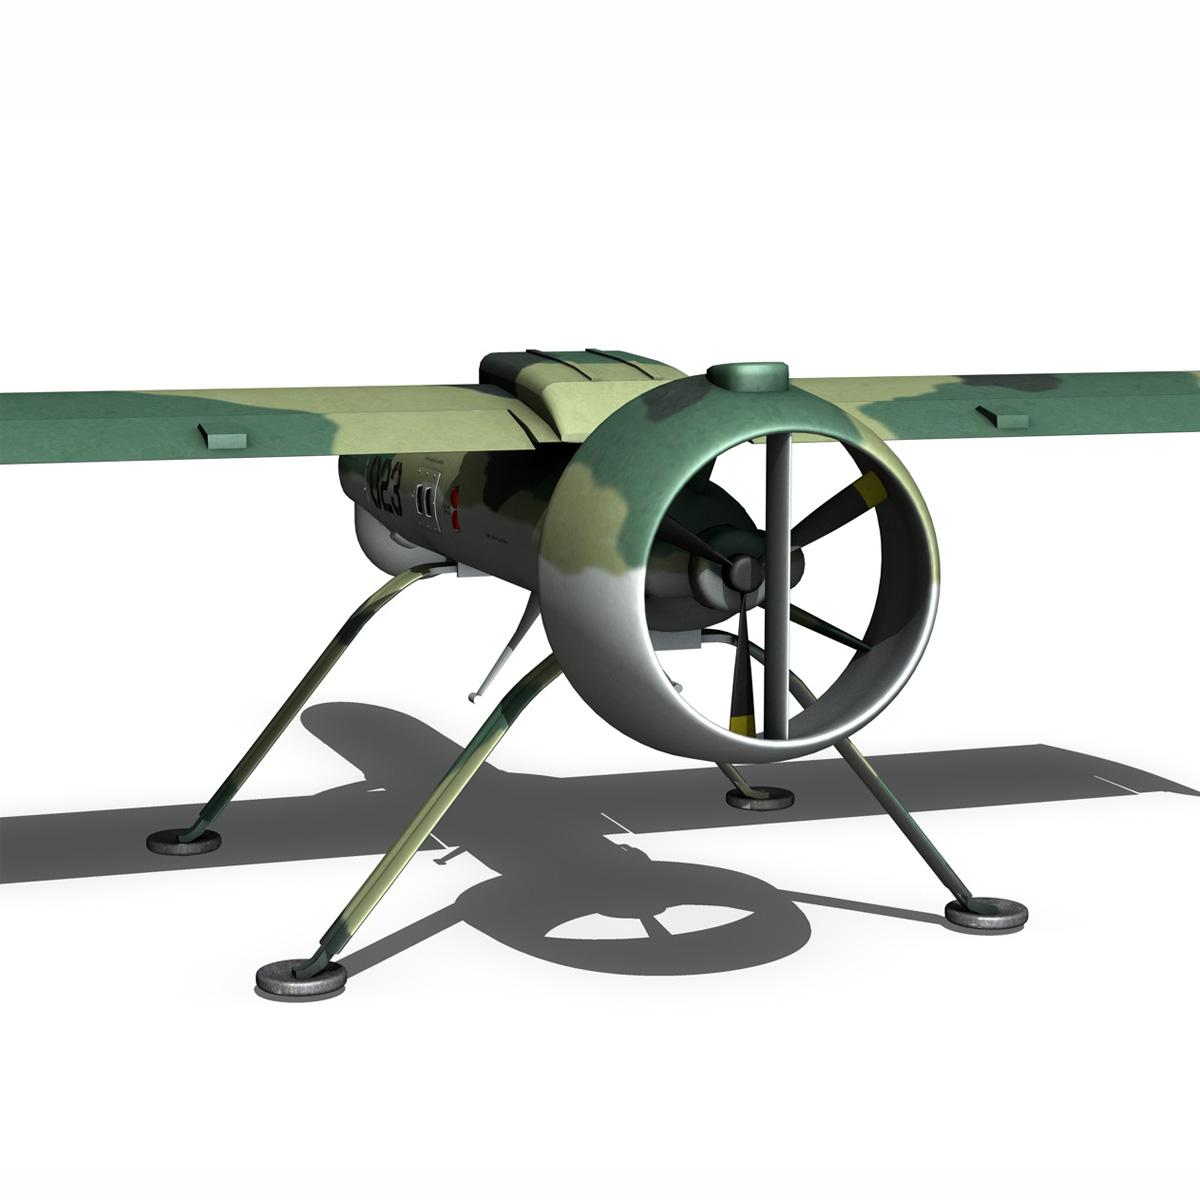 pchela 1t drone orosz uav 3d modell 3ds fbx c4d lwo obj 188463